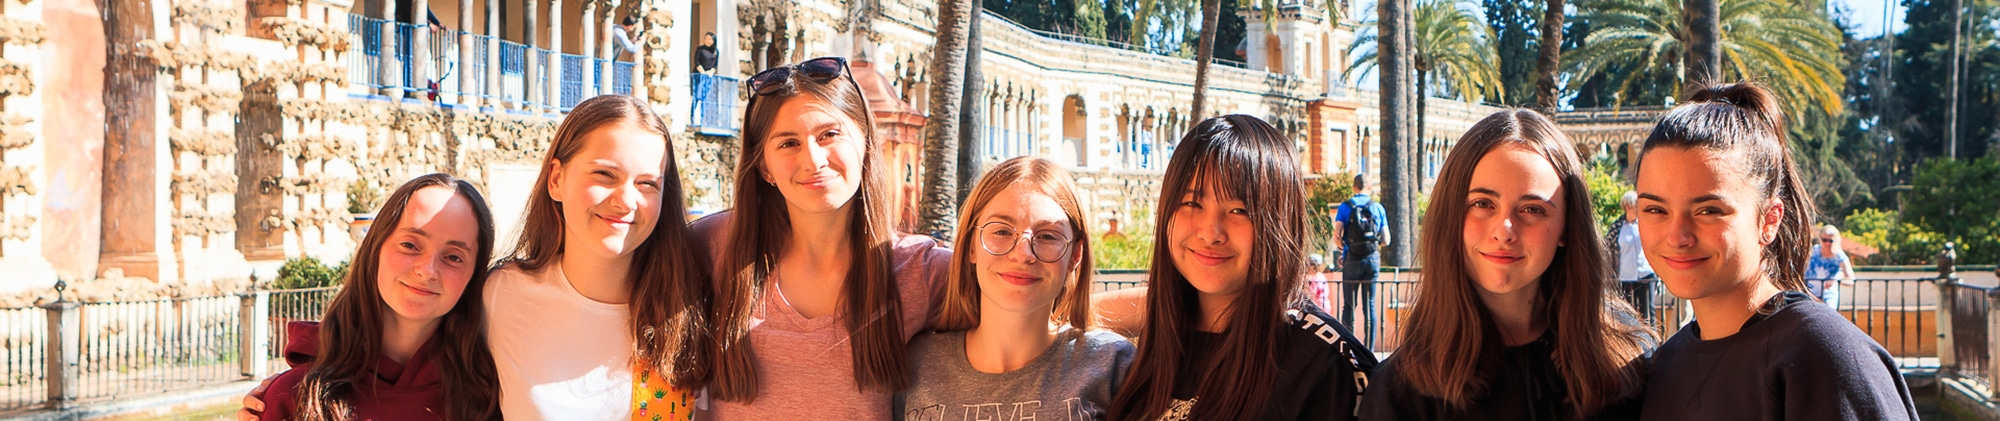 AP Spanish lit students in Sevilla, Spain